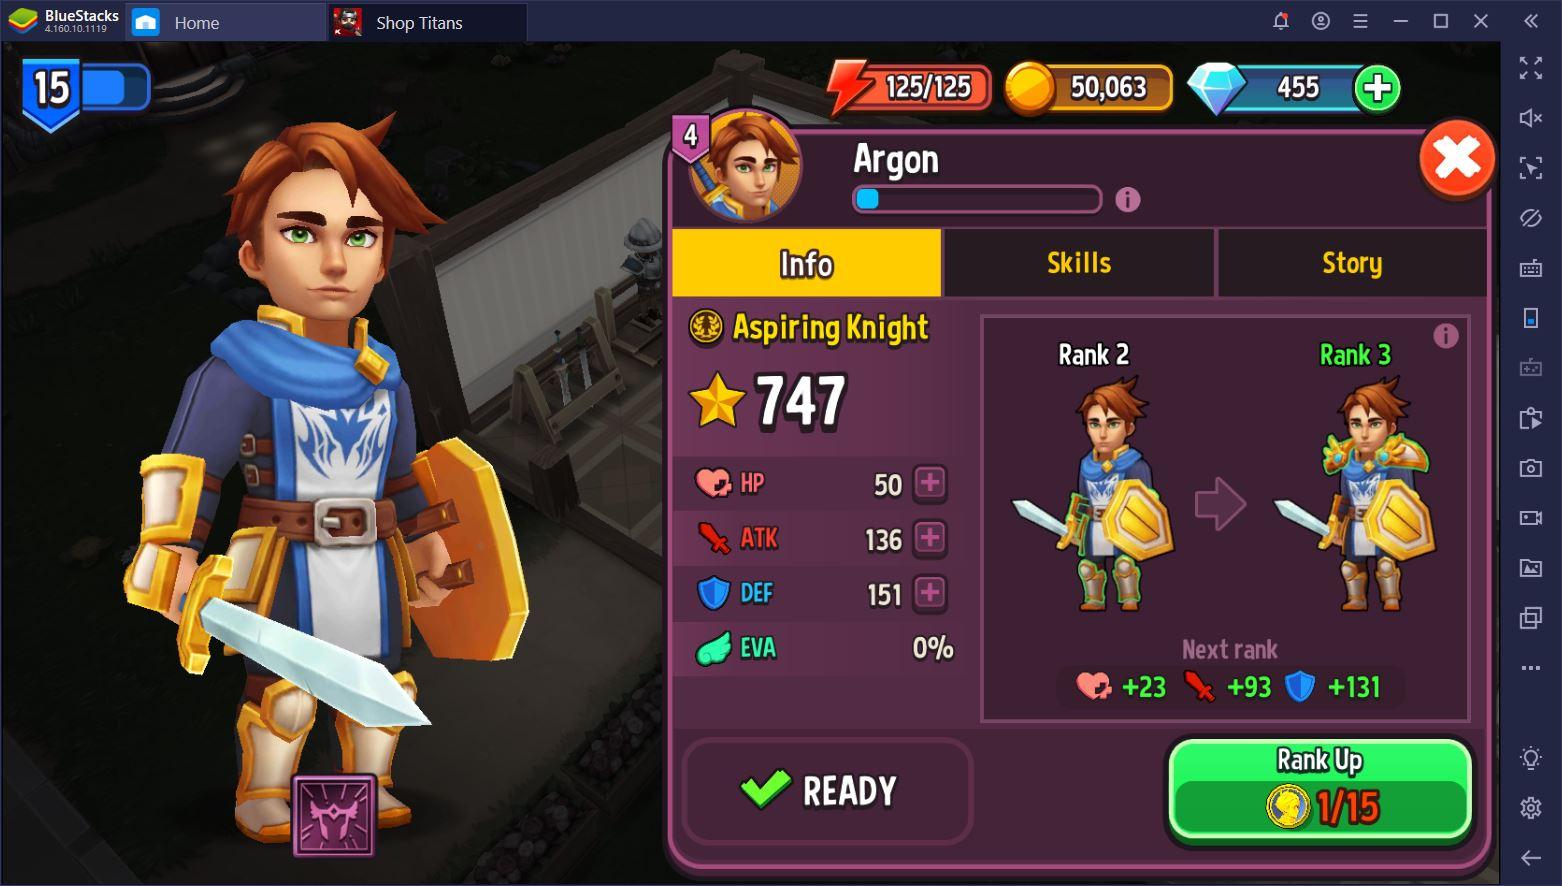 لعبة Shop Titans: دليل كامل للشخصيات